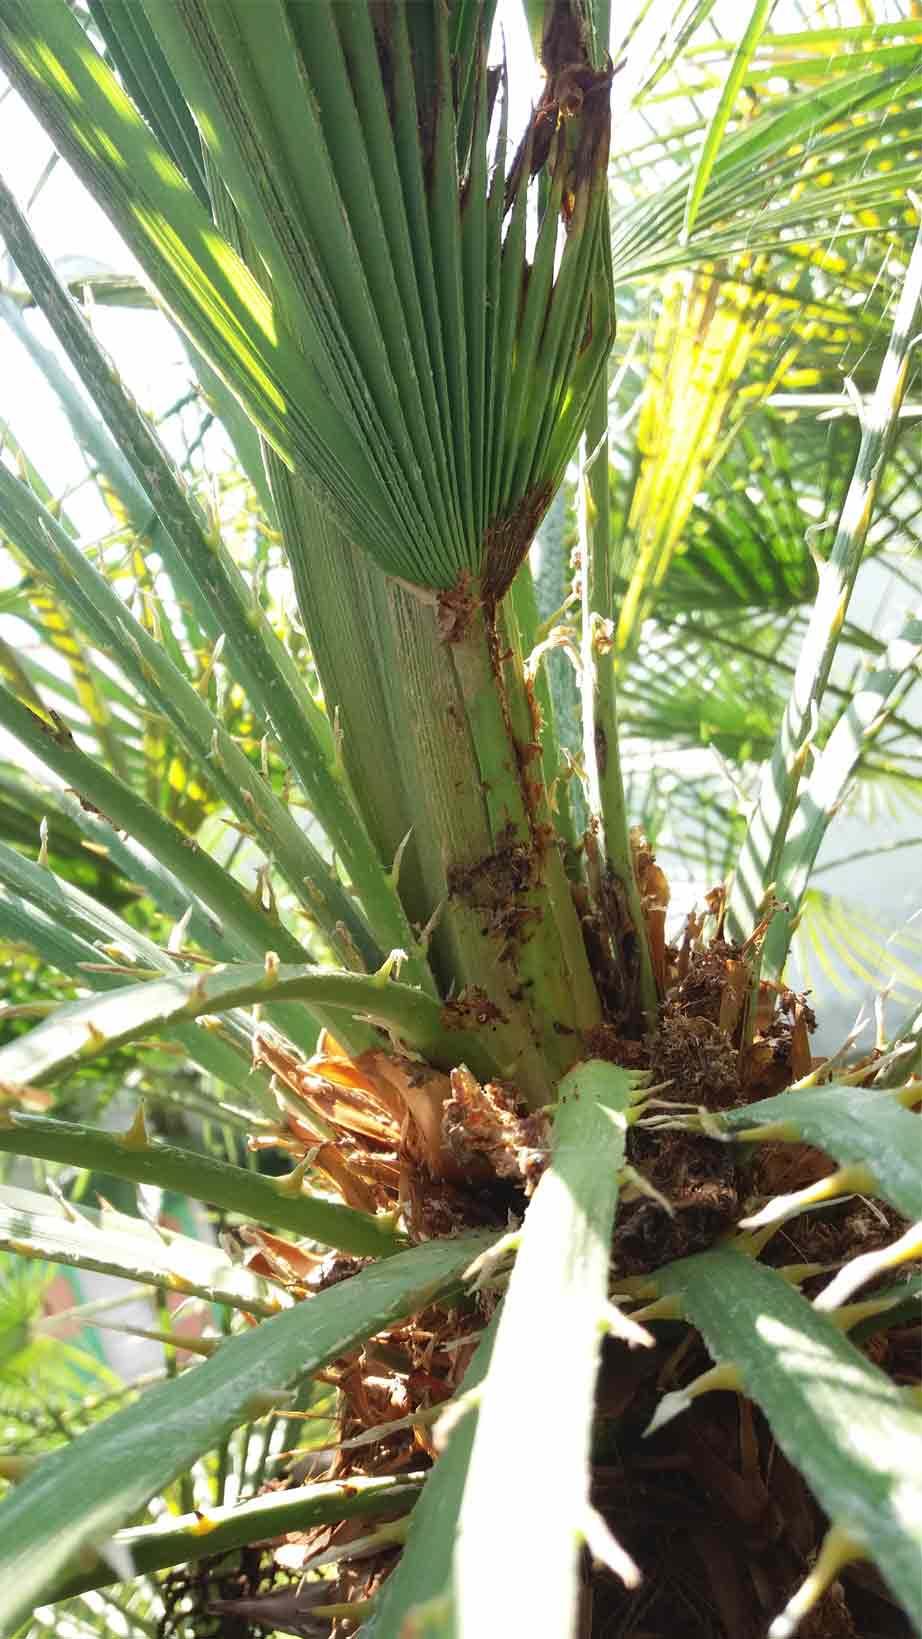 Symptômes-palmier-trachicarpus-attaque-du-coeur-du-palmier-4